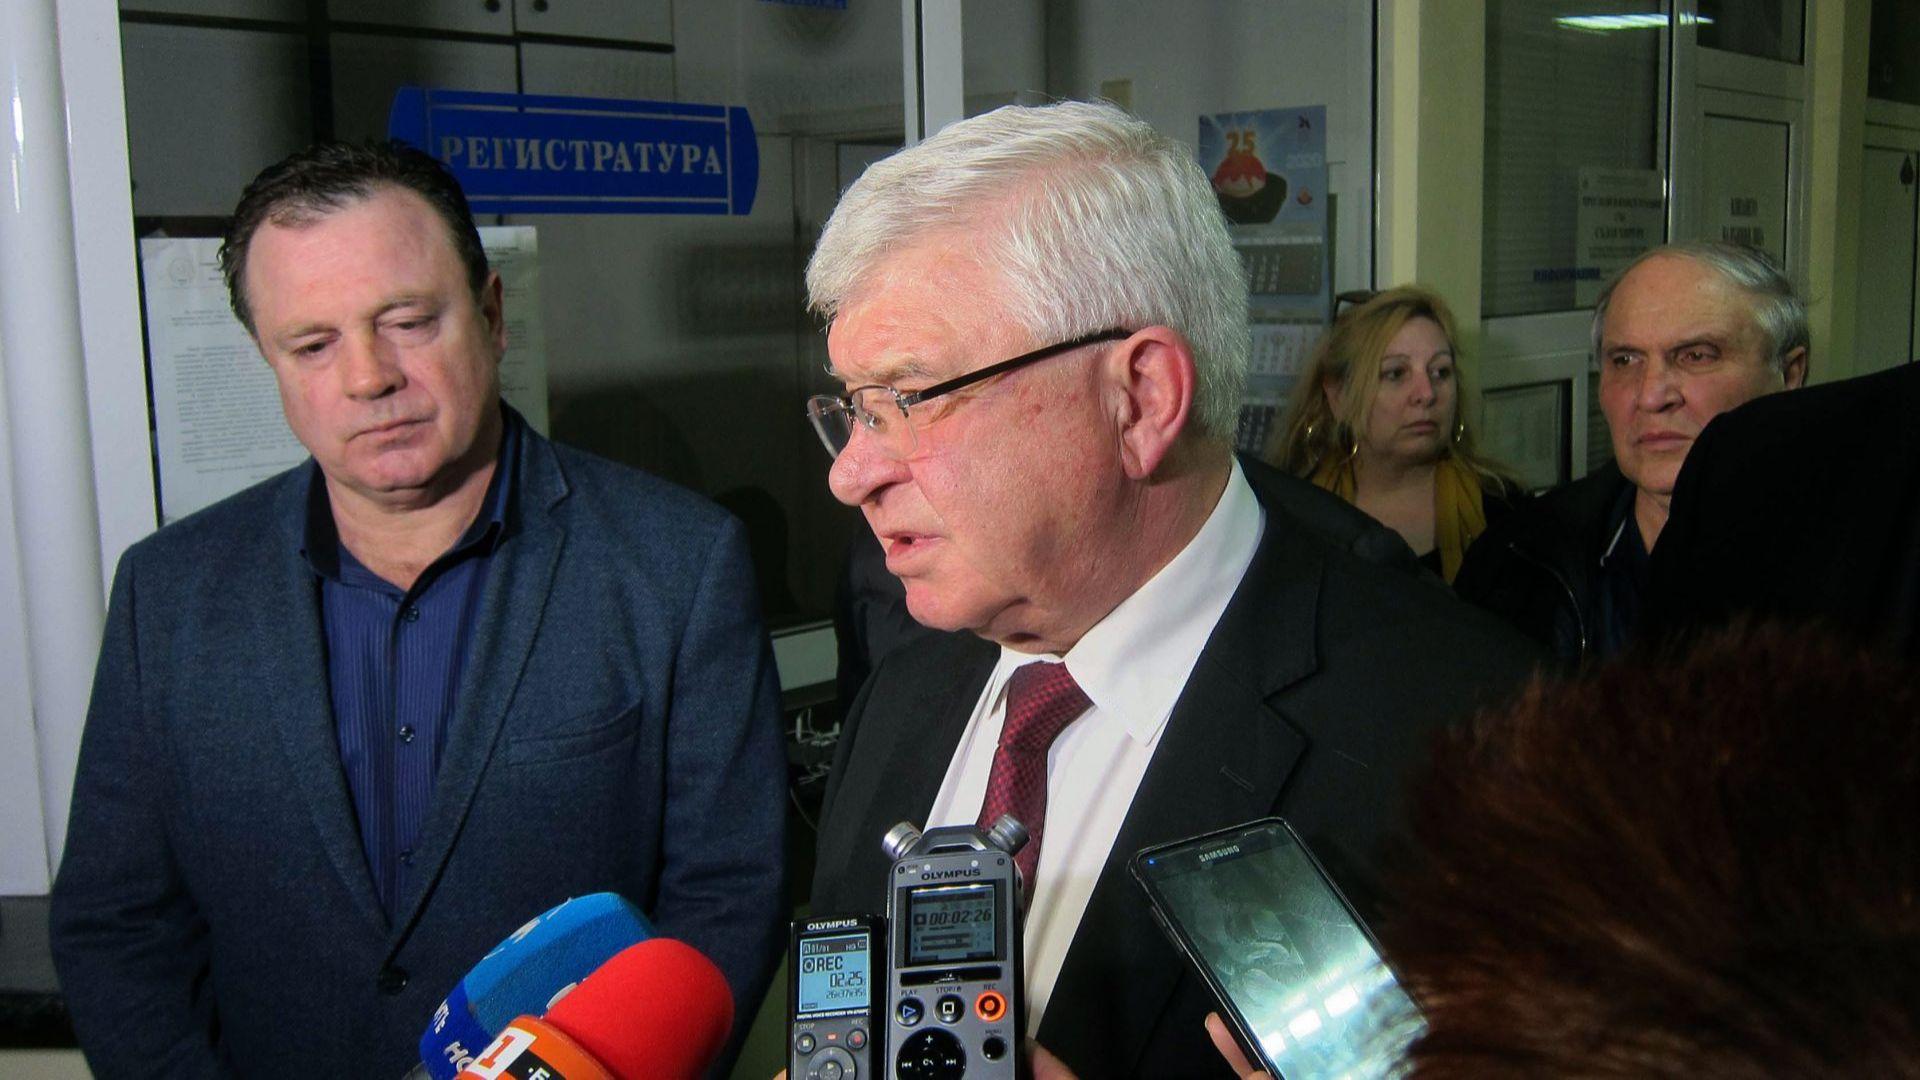 Кирил Ананиев въведе нови мерки при пътуването и призна: Медиците нямат на 100% предпазни средства и облекла